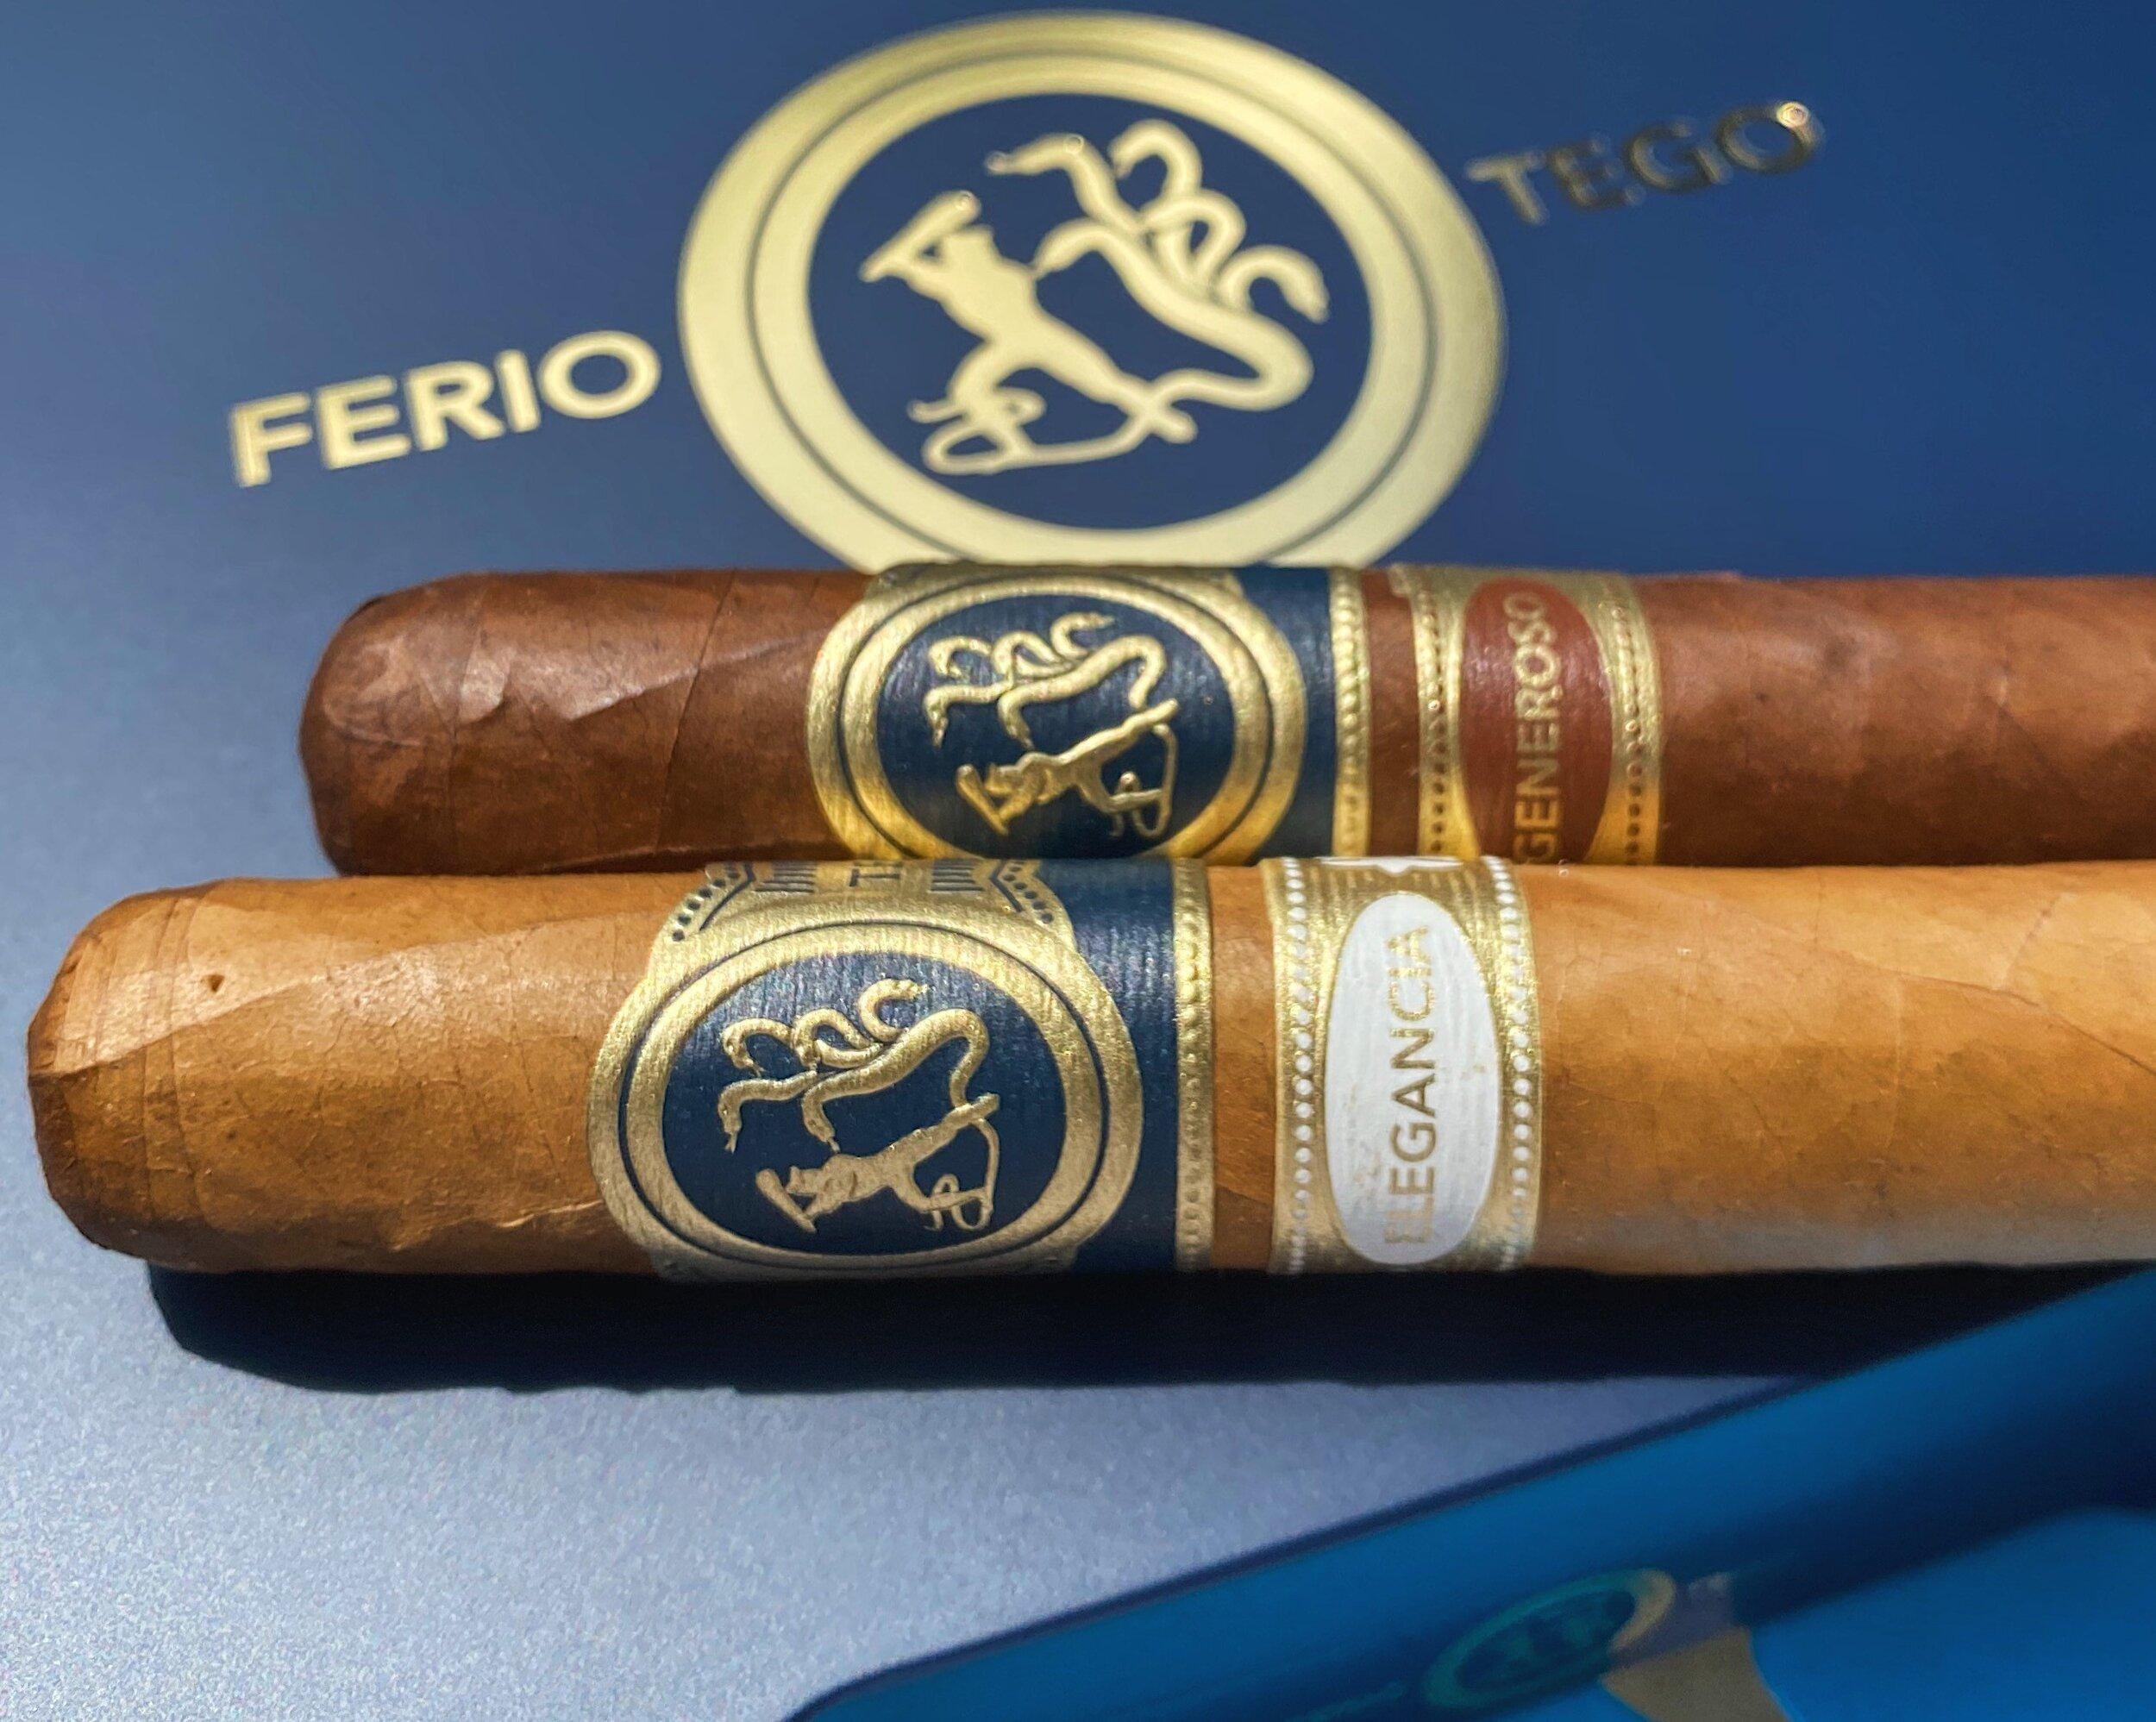 Ferio Tego 2021 cigars